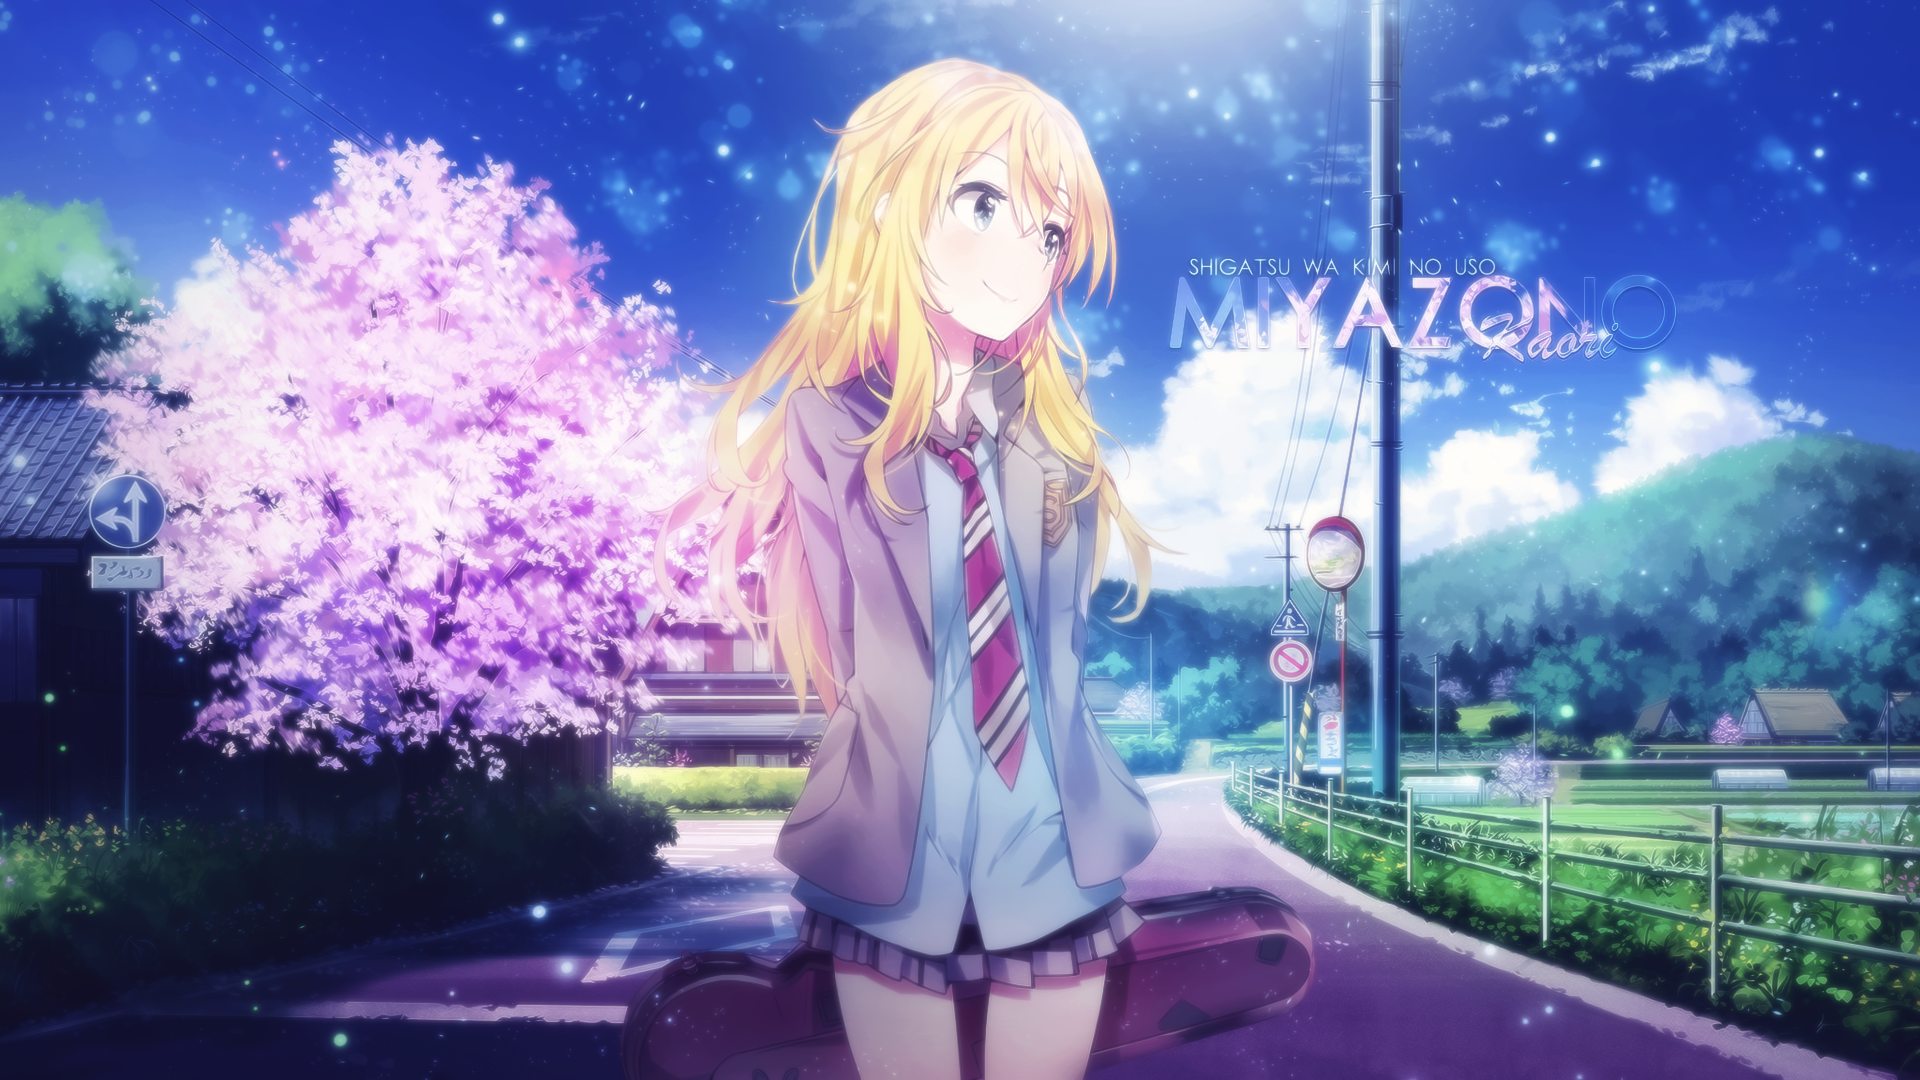 anime birthday celebrants abc july 4 scanime disqus